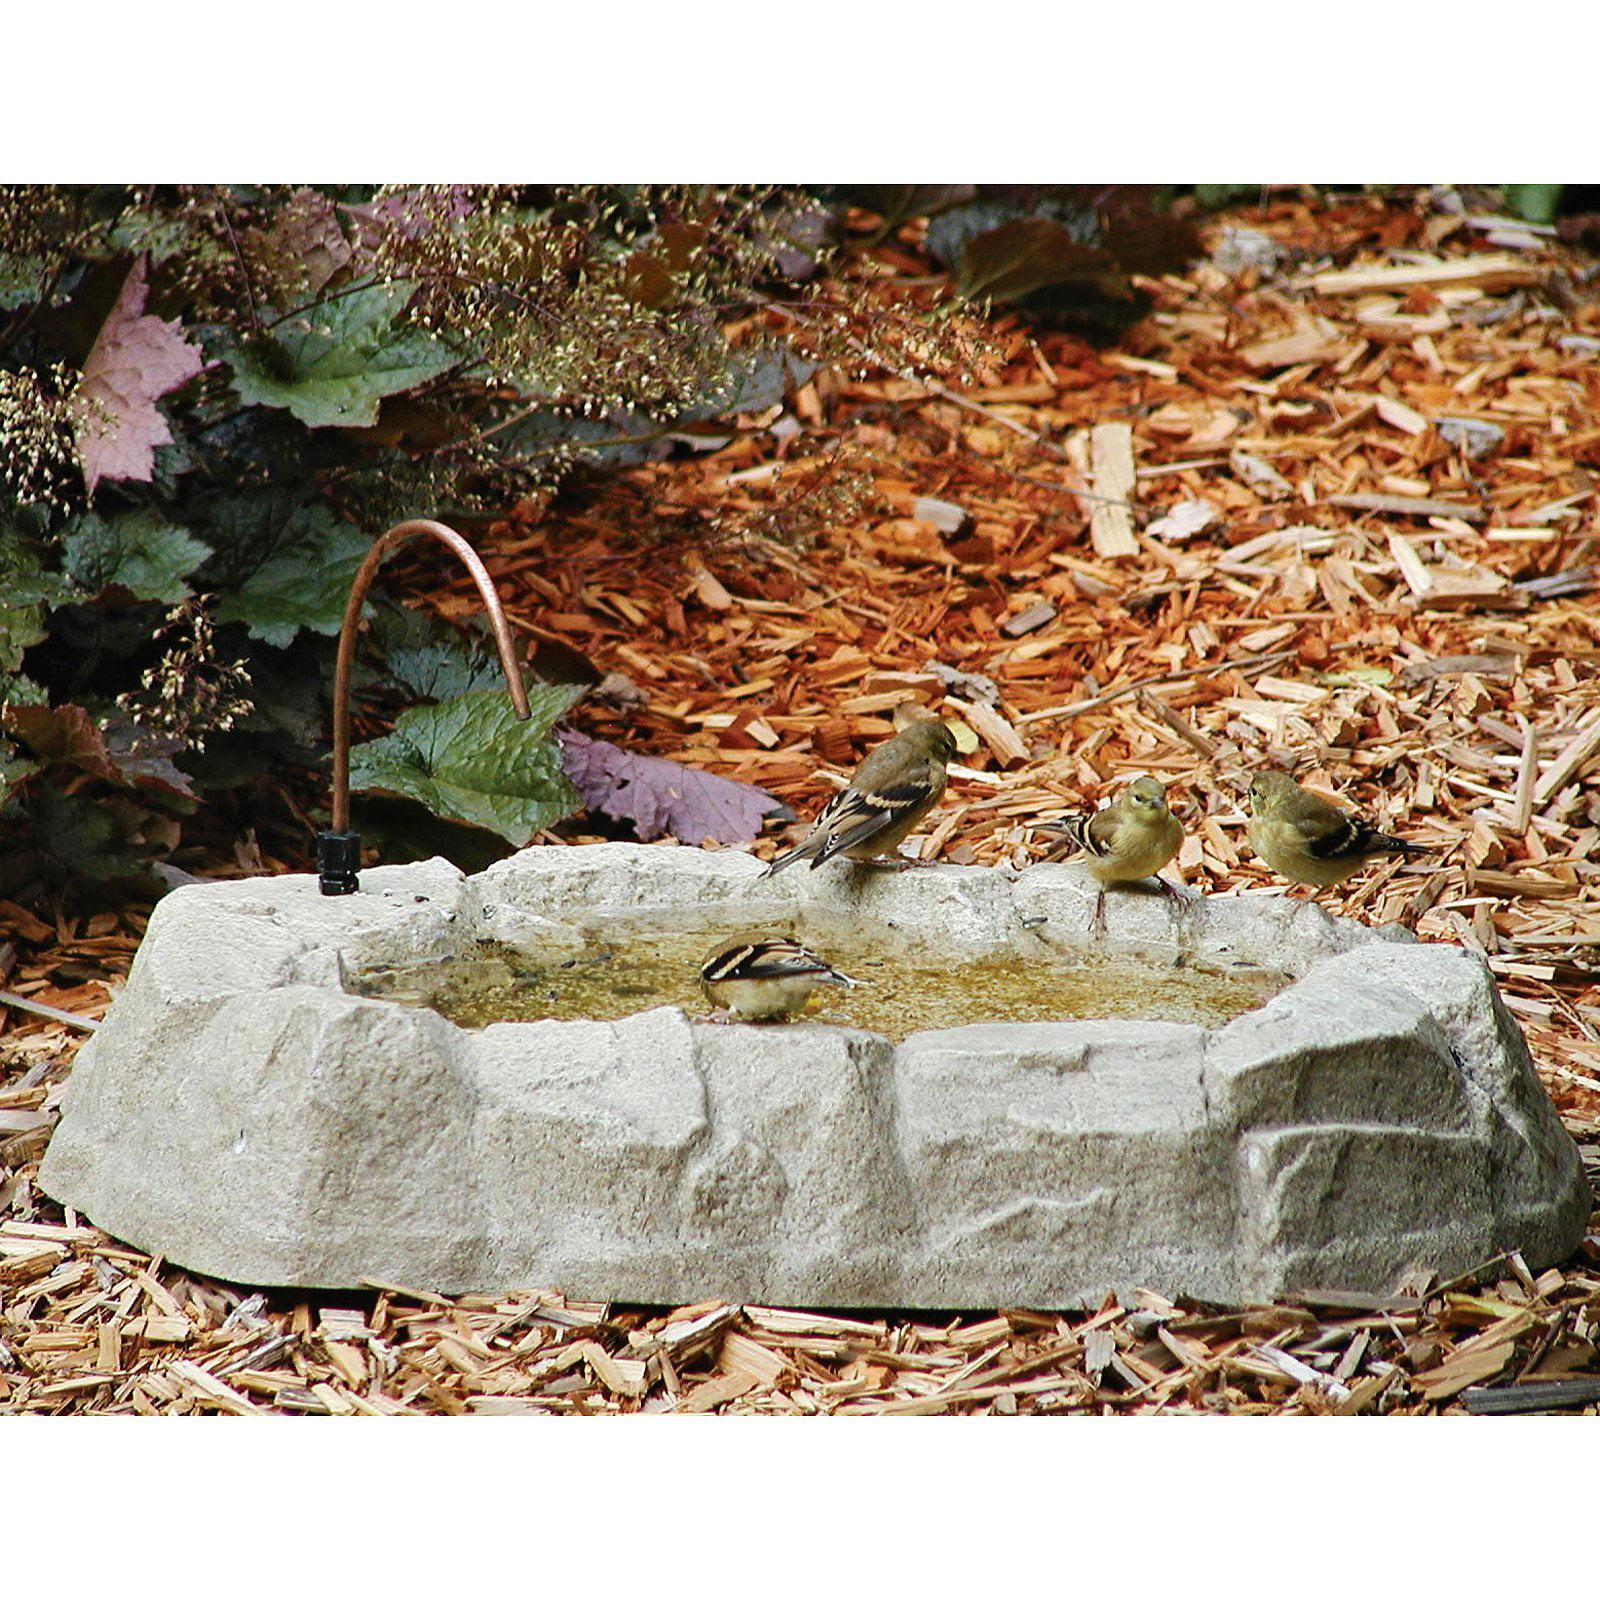 Backyard Nature Products Rocky Mountain Ground Birdbath by Birdbaths